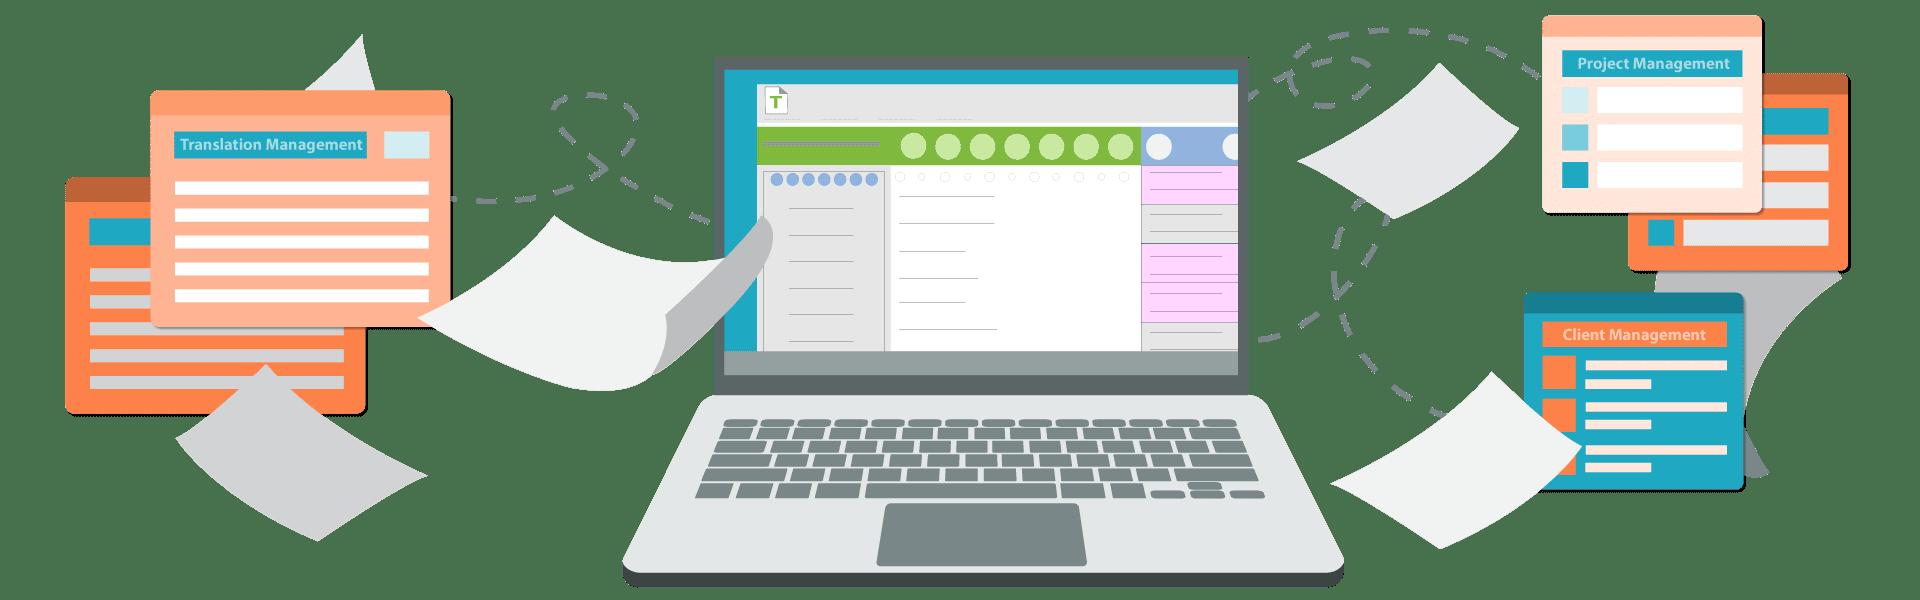 translator tutorial for Tranwise, our translation management software